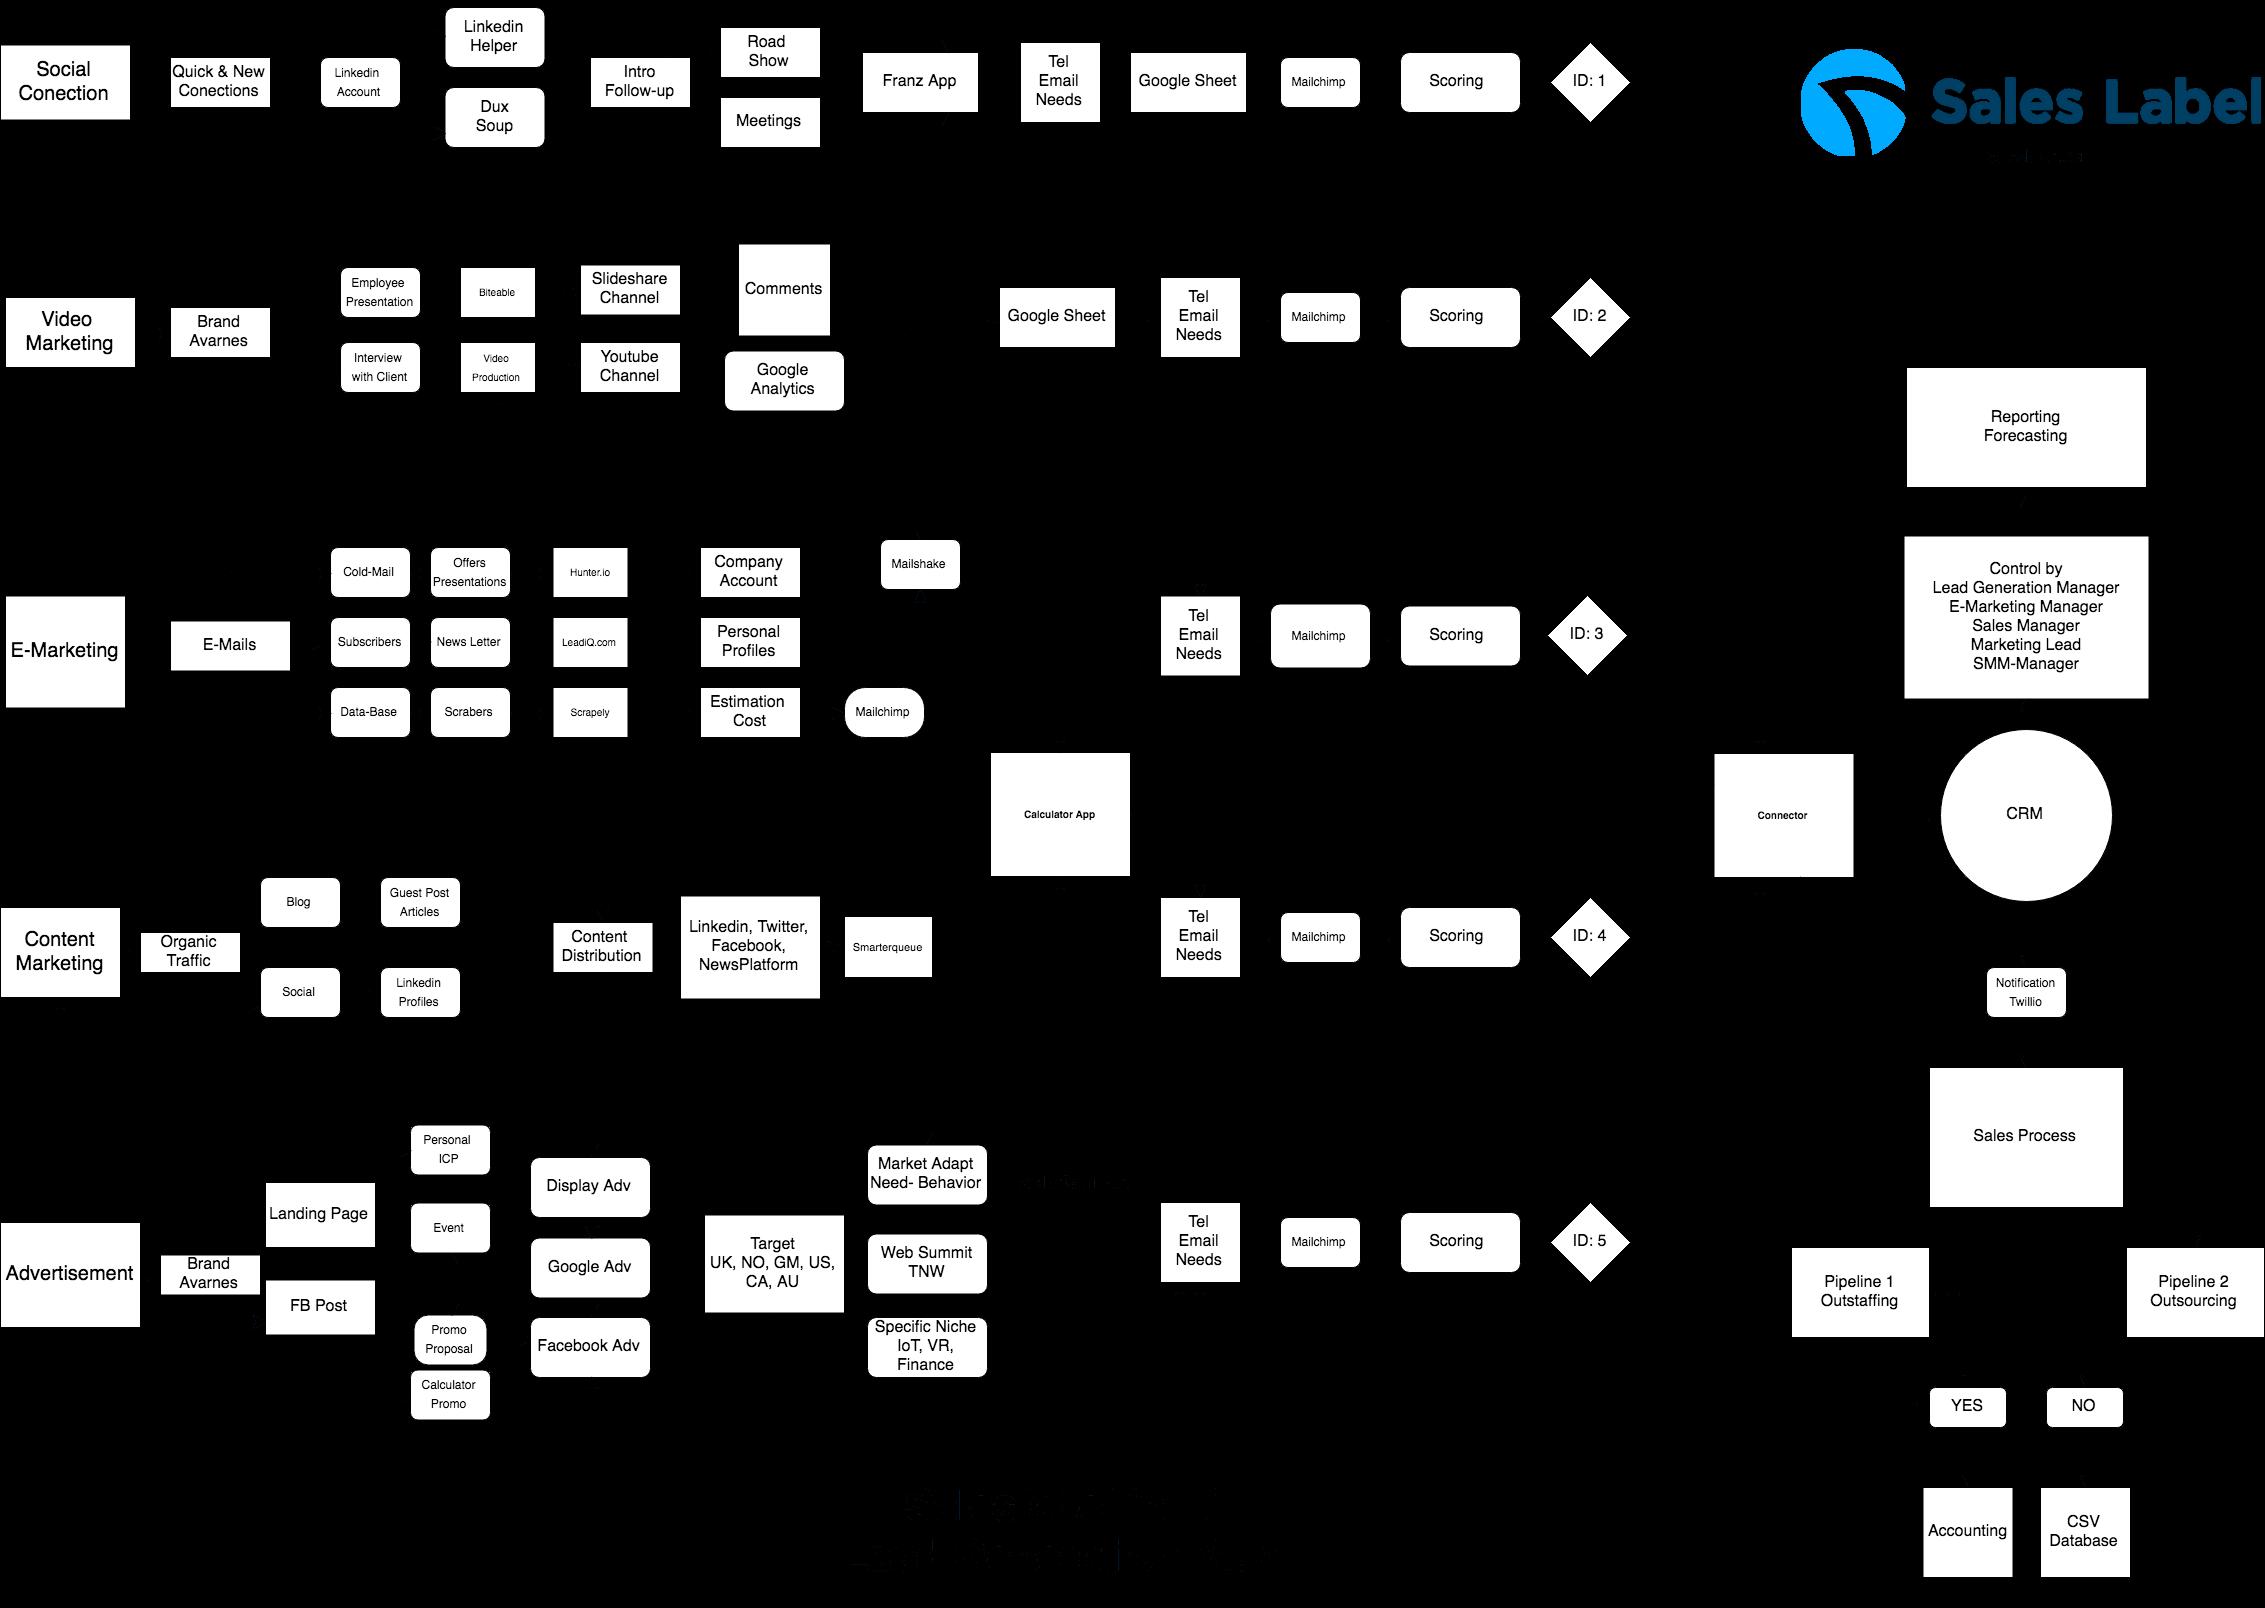 lead generation map saleslabel in it